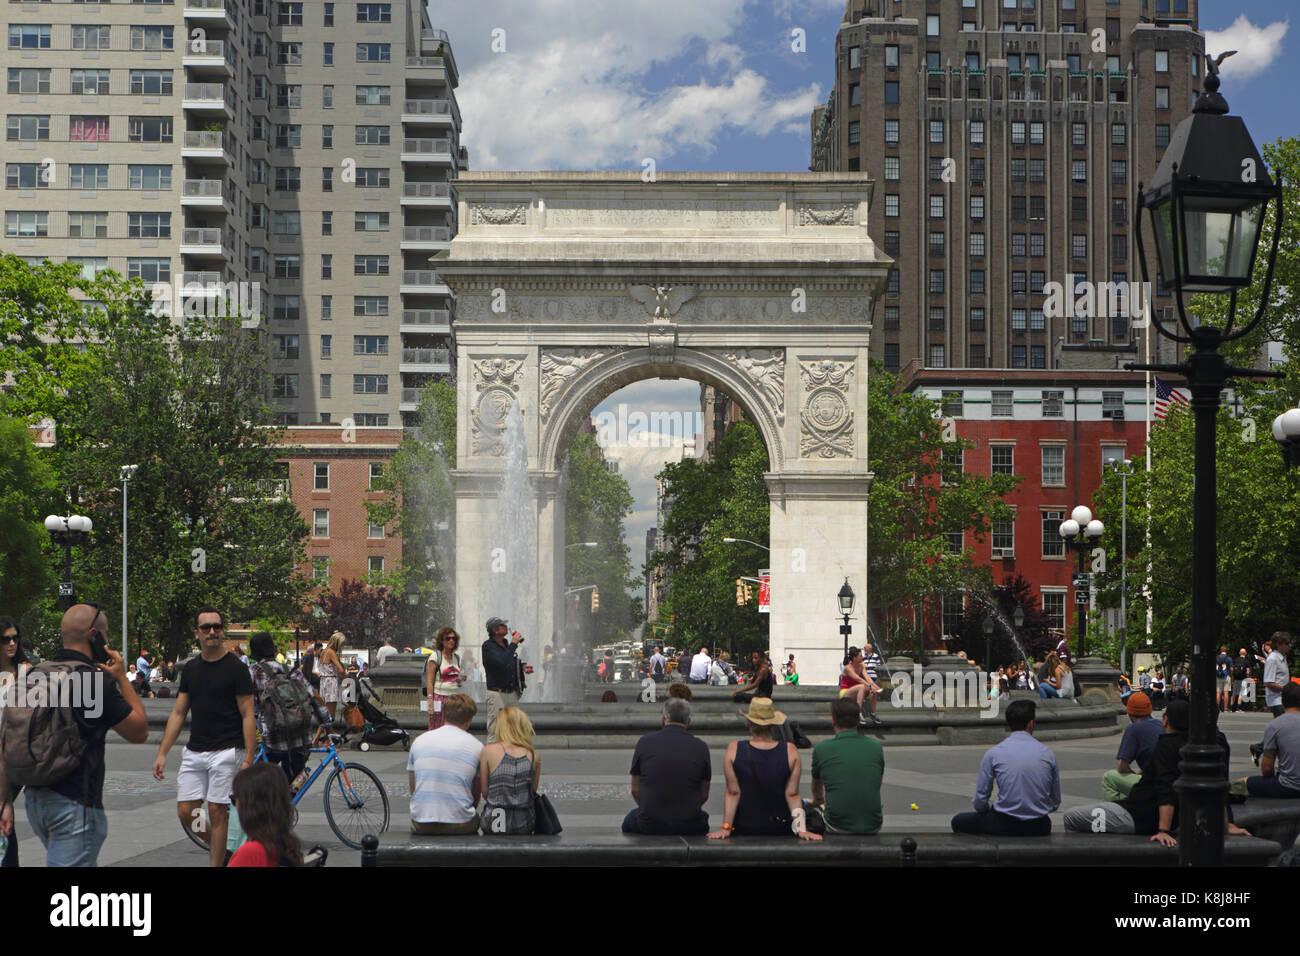 New york, ny, Stati Uniti d'America - 1 giugno 2017: turisti e new york locali godono di una giornata di sole Immagini Stock